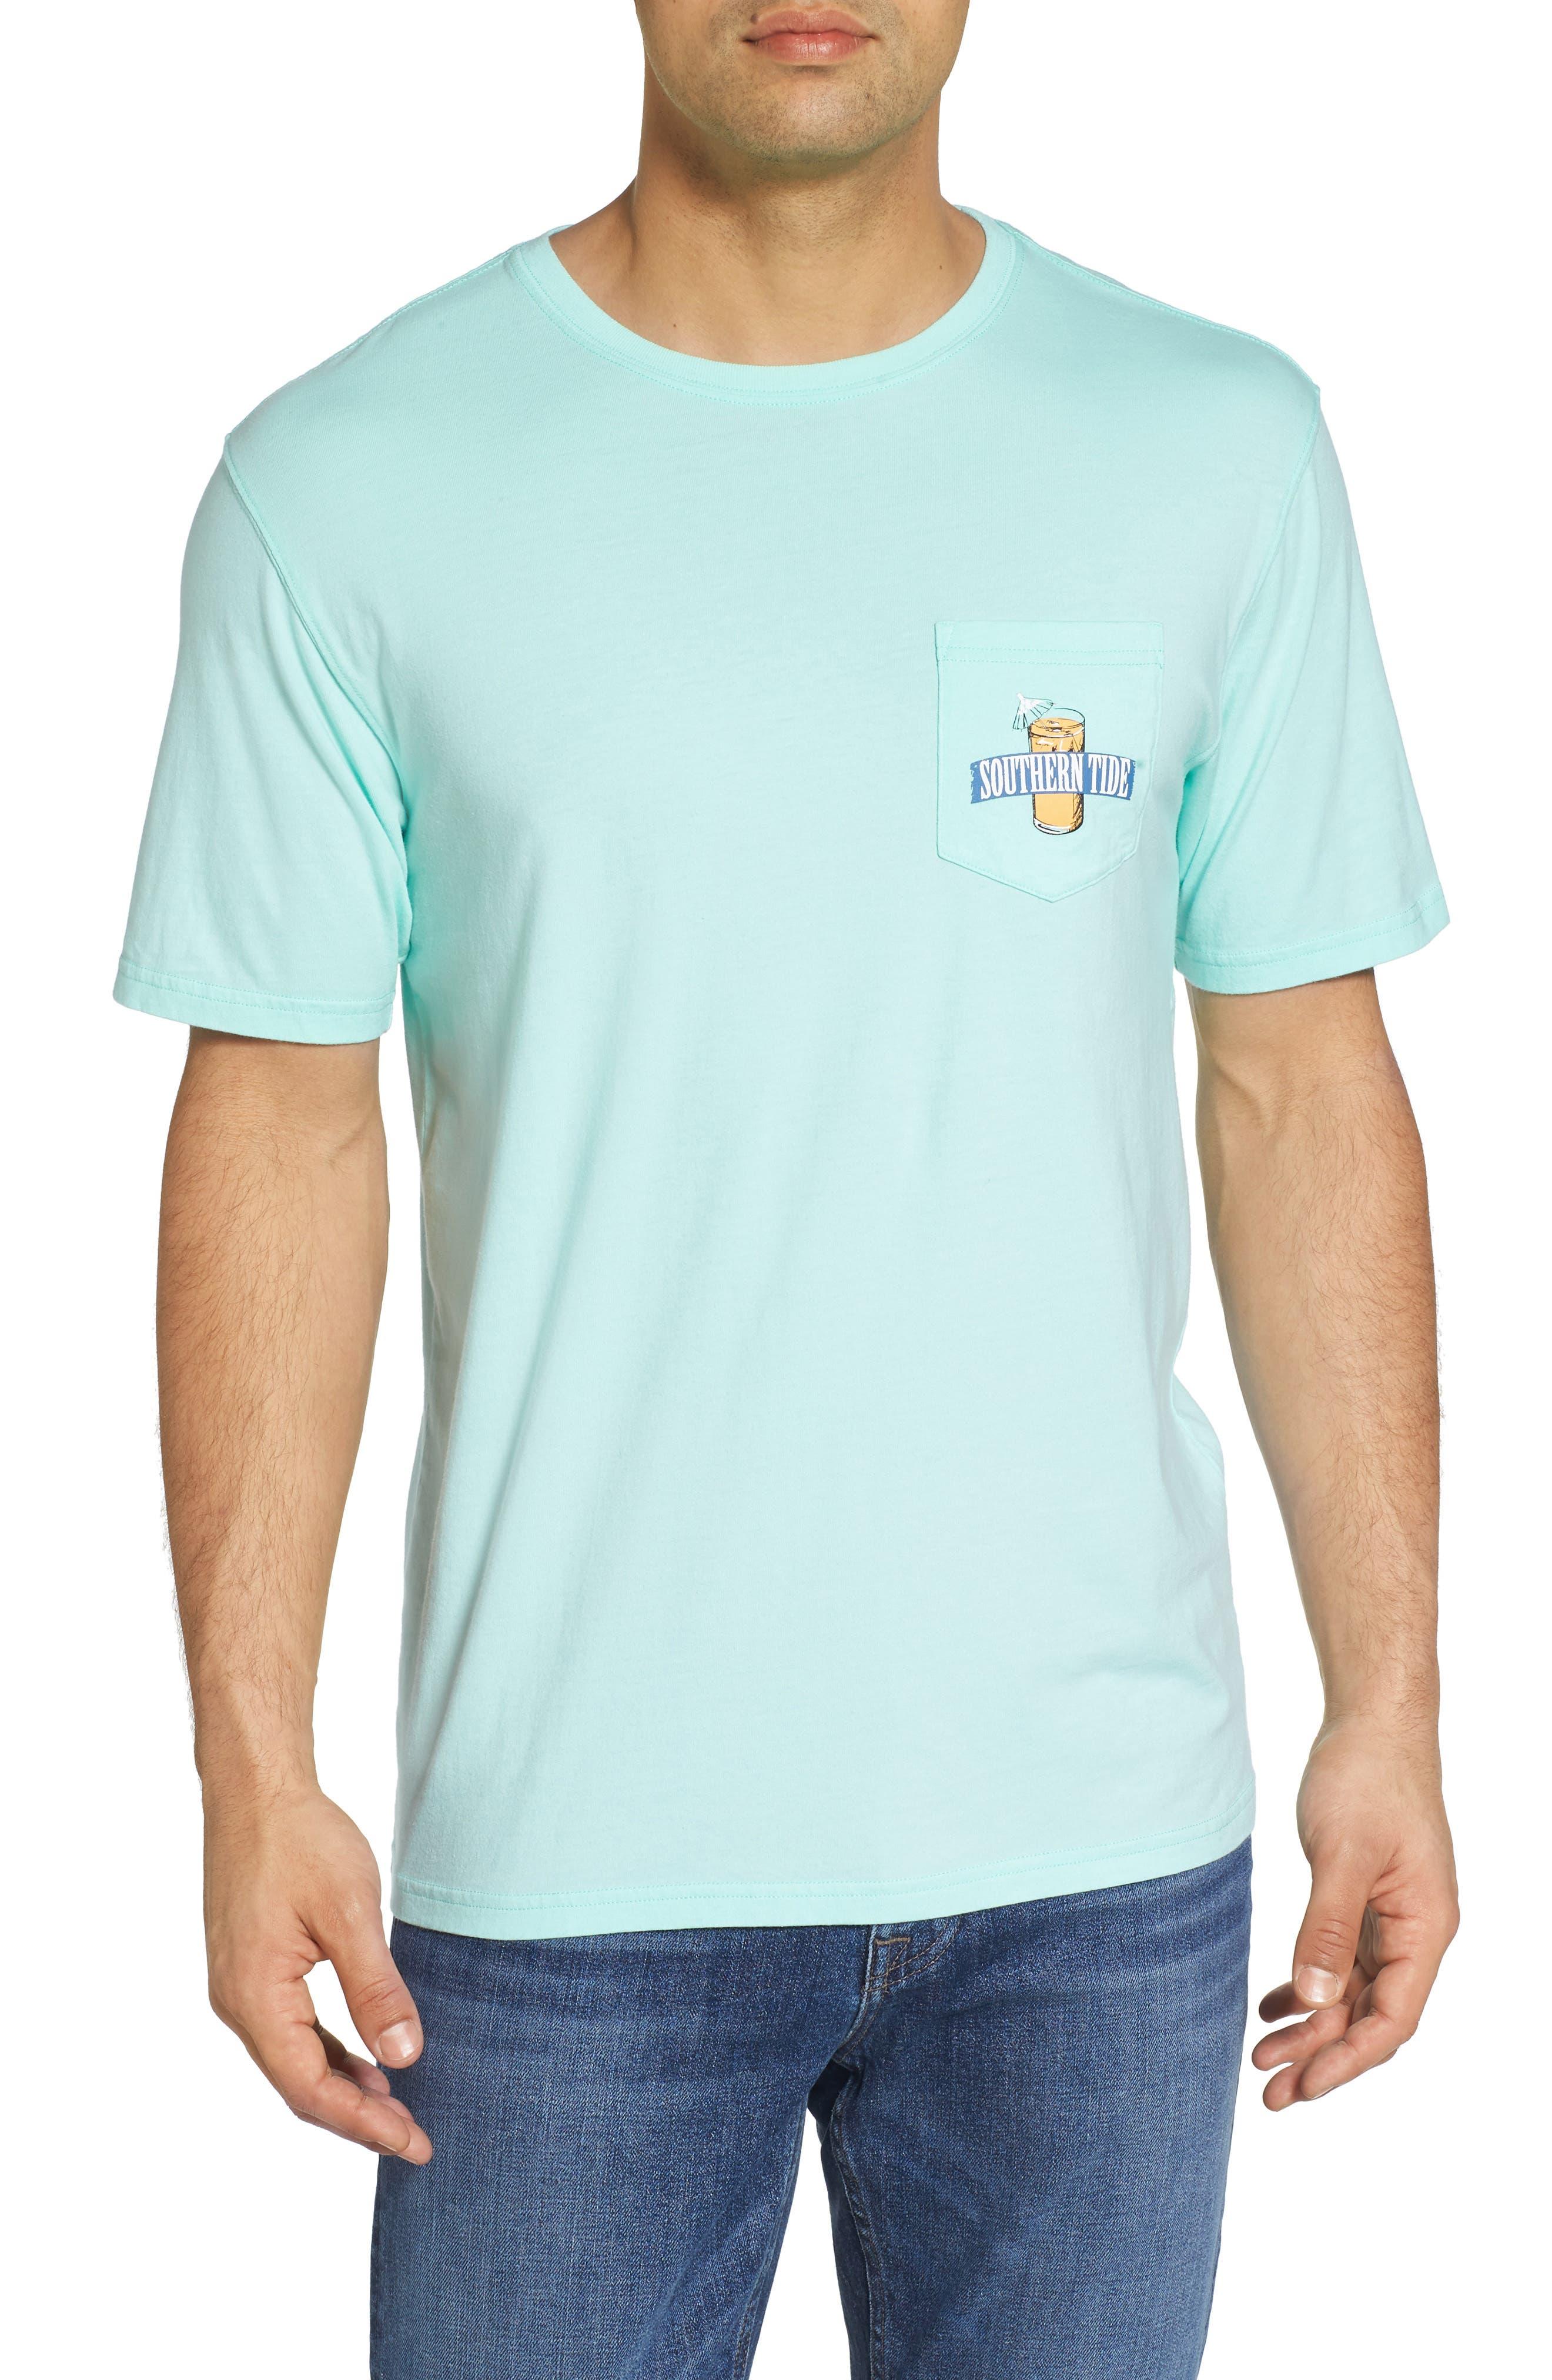 Southern Mix Crewneck T-Shirt,                         Main,                         color, 376